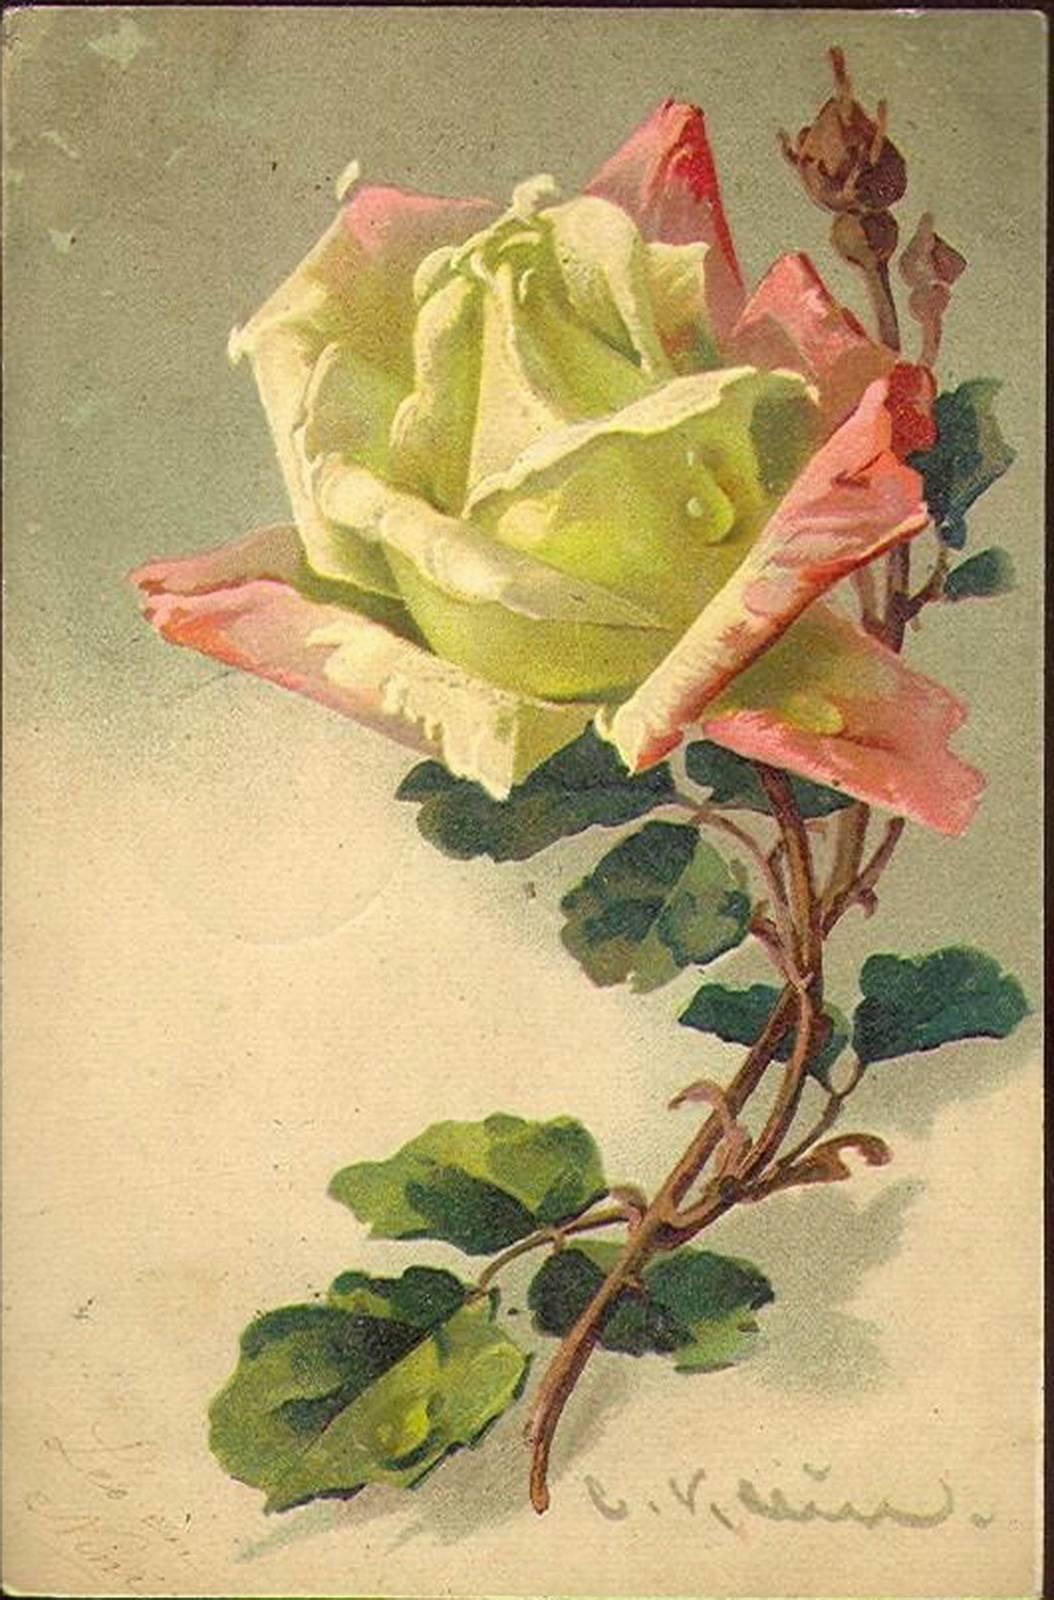 Старинные открытки растения, апреля прикольные смешные